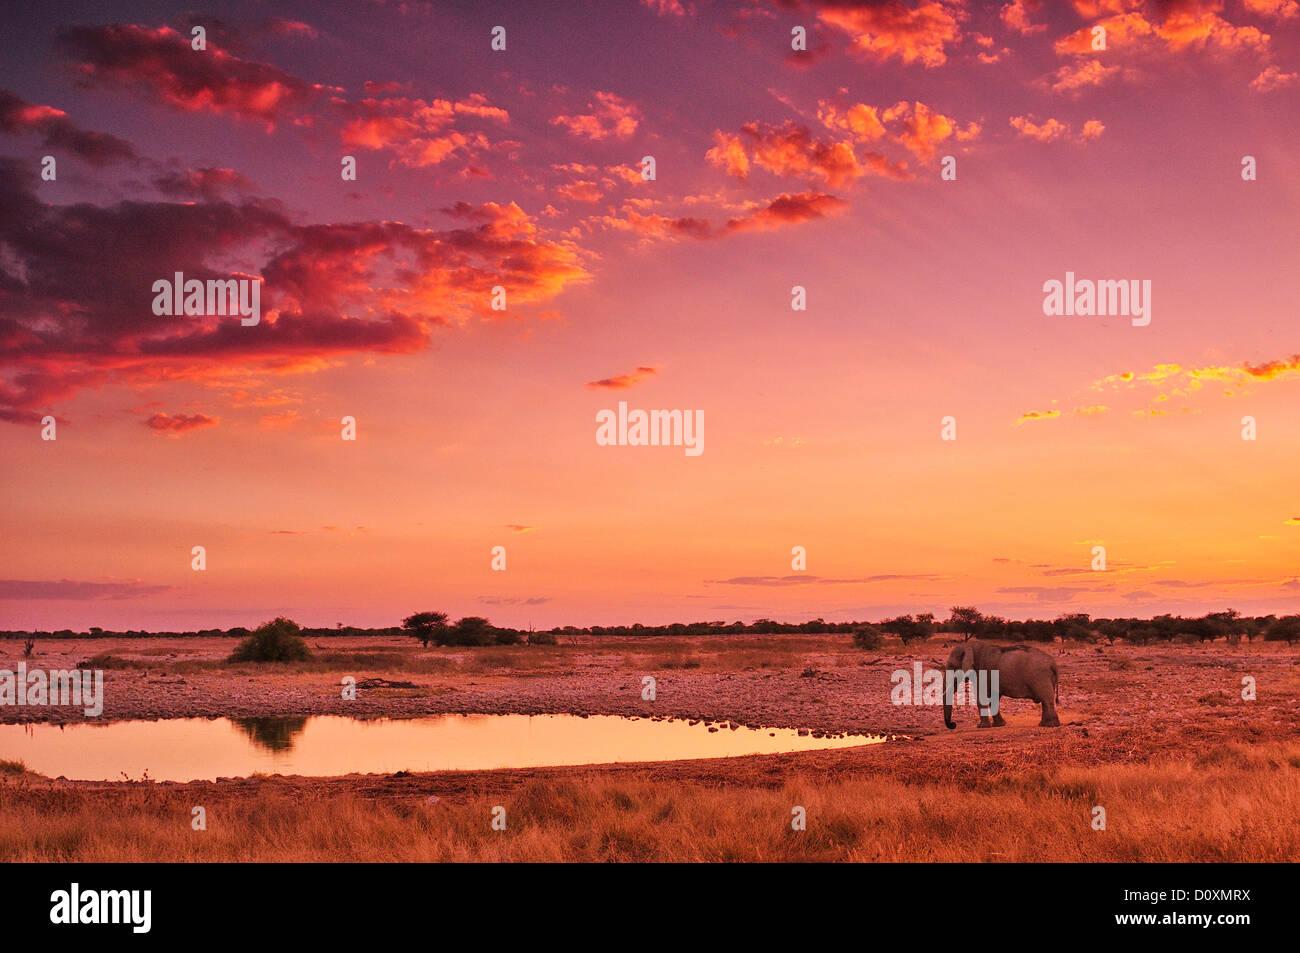 África, Namibia, el Parque Nacional de Etosha, puesta de sol, el elefante, el animal, waterhole, safari, animales Imagen De Stock